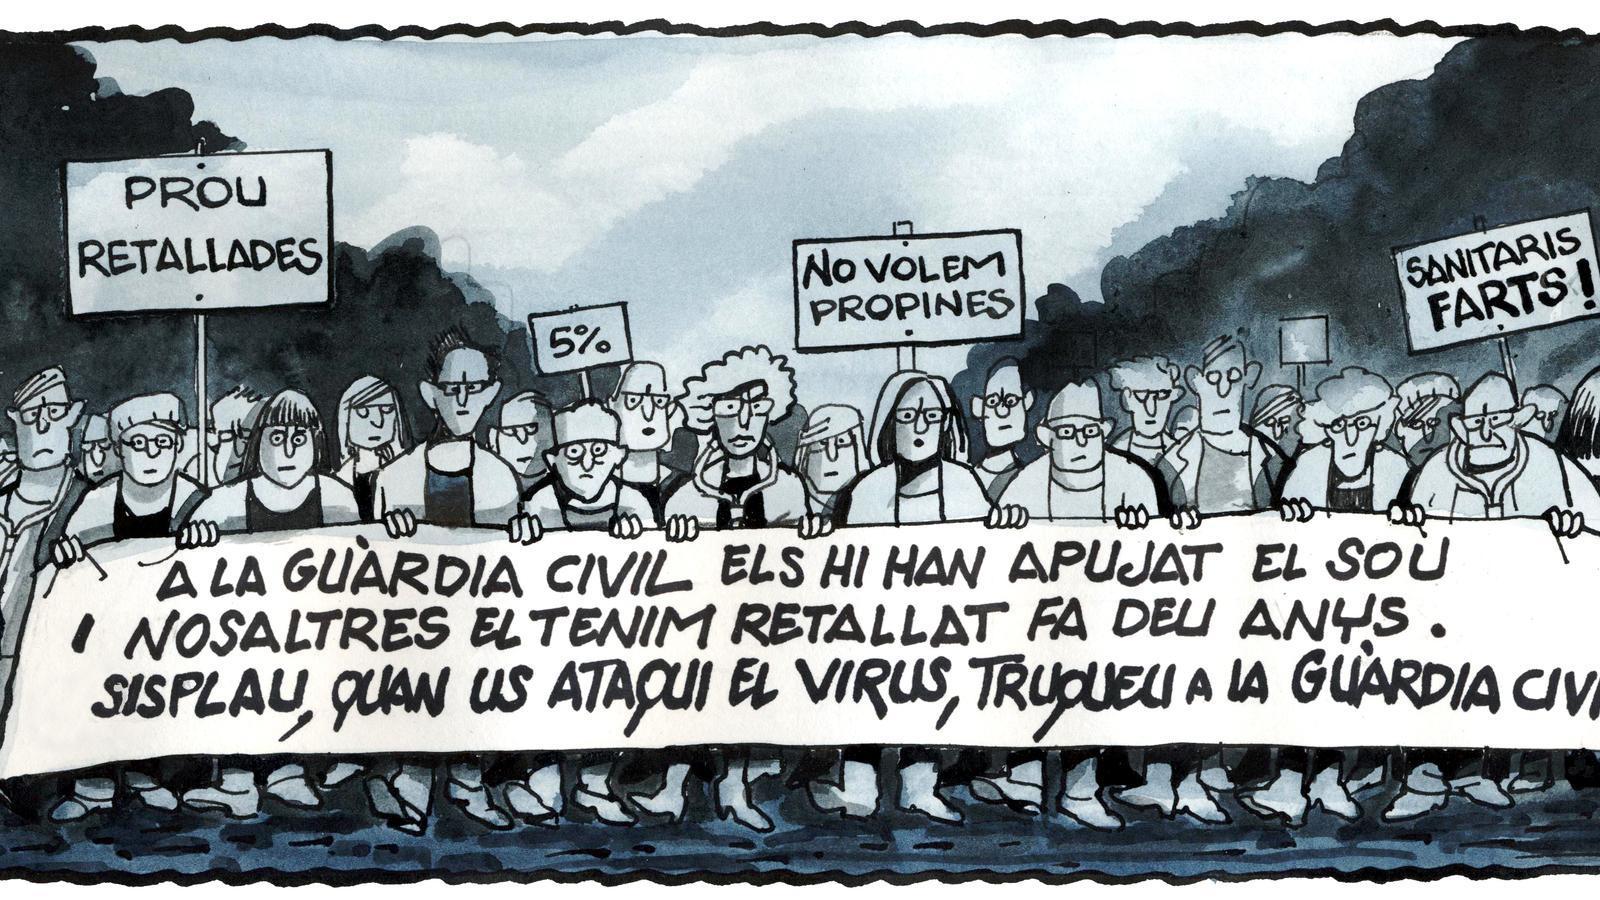 'A la contra', per Ferreres 26/06/2020